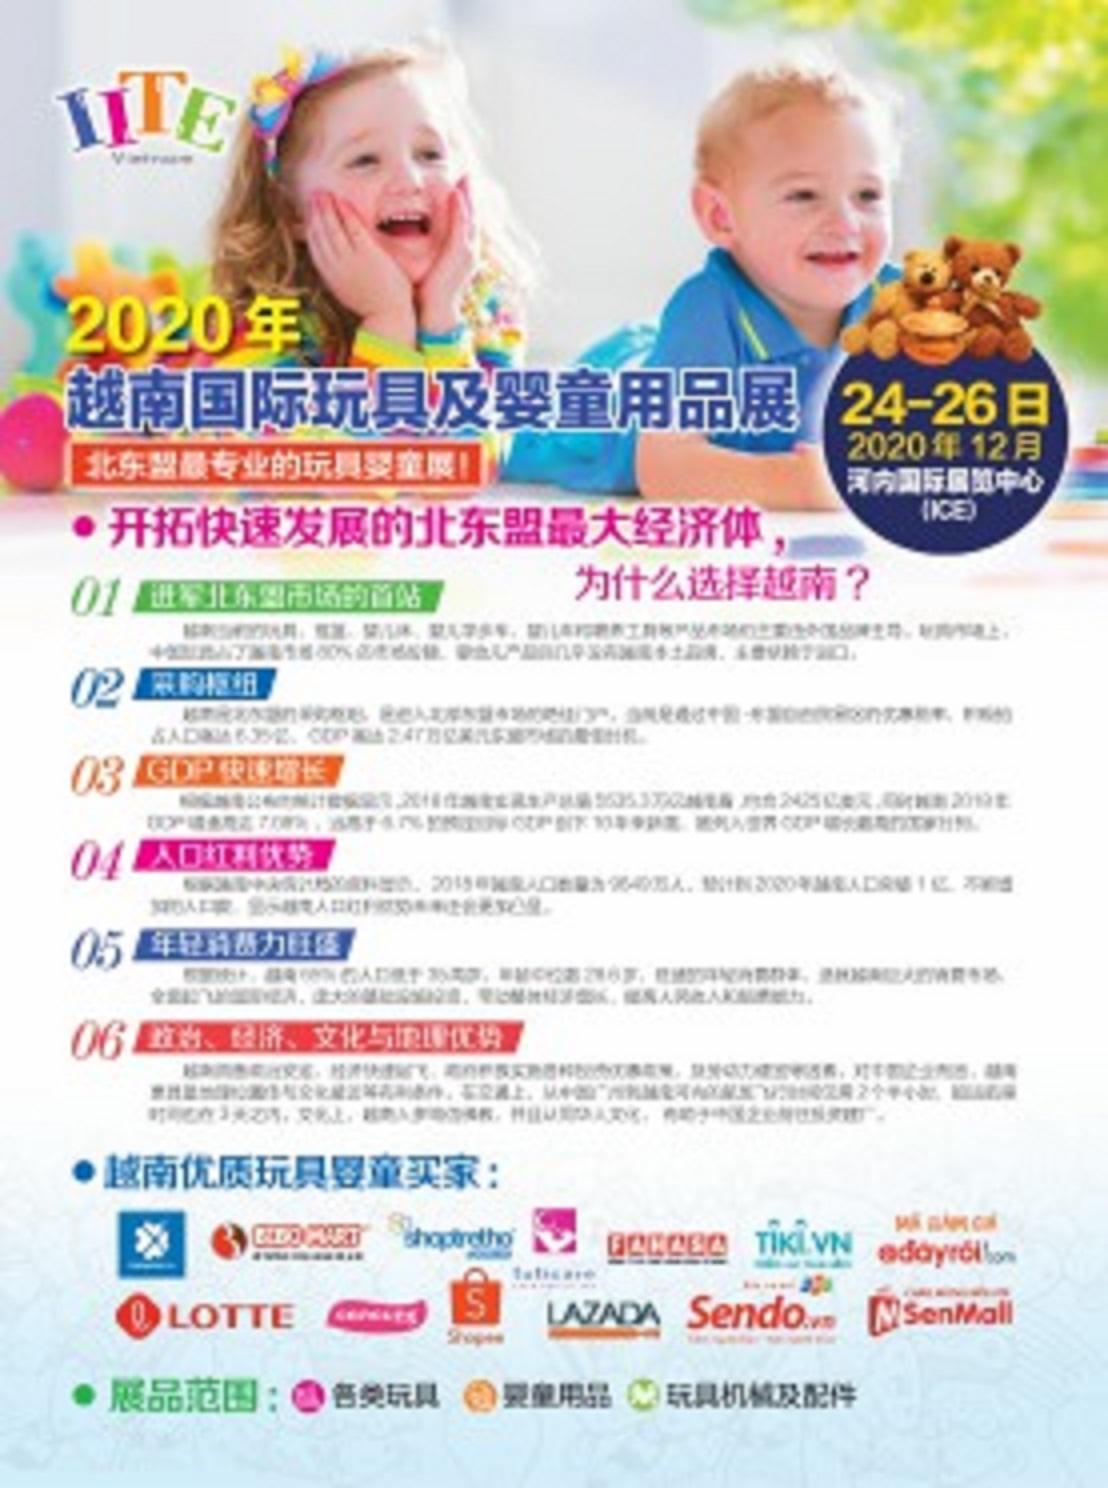 2020年越南國際玩具及嬰童用品展(IITE) 1